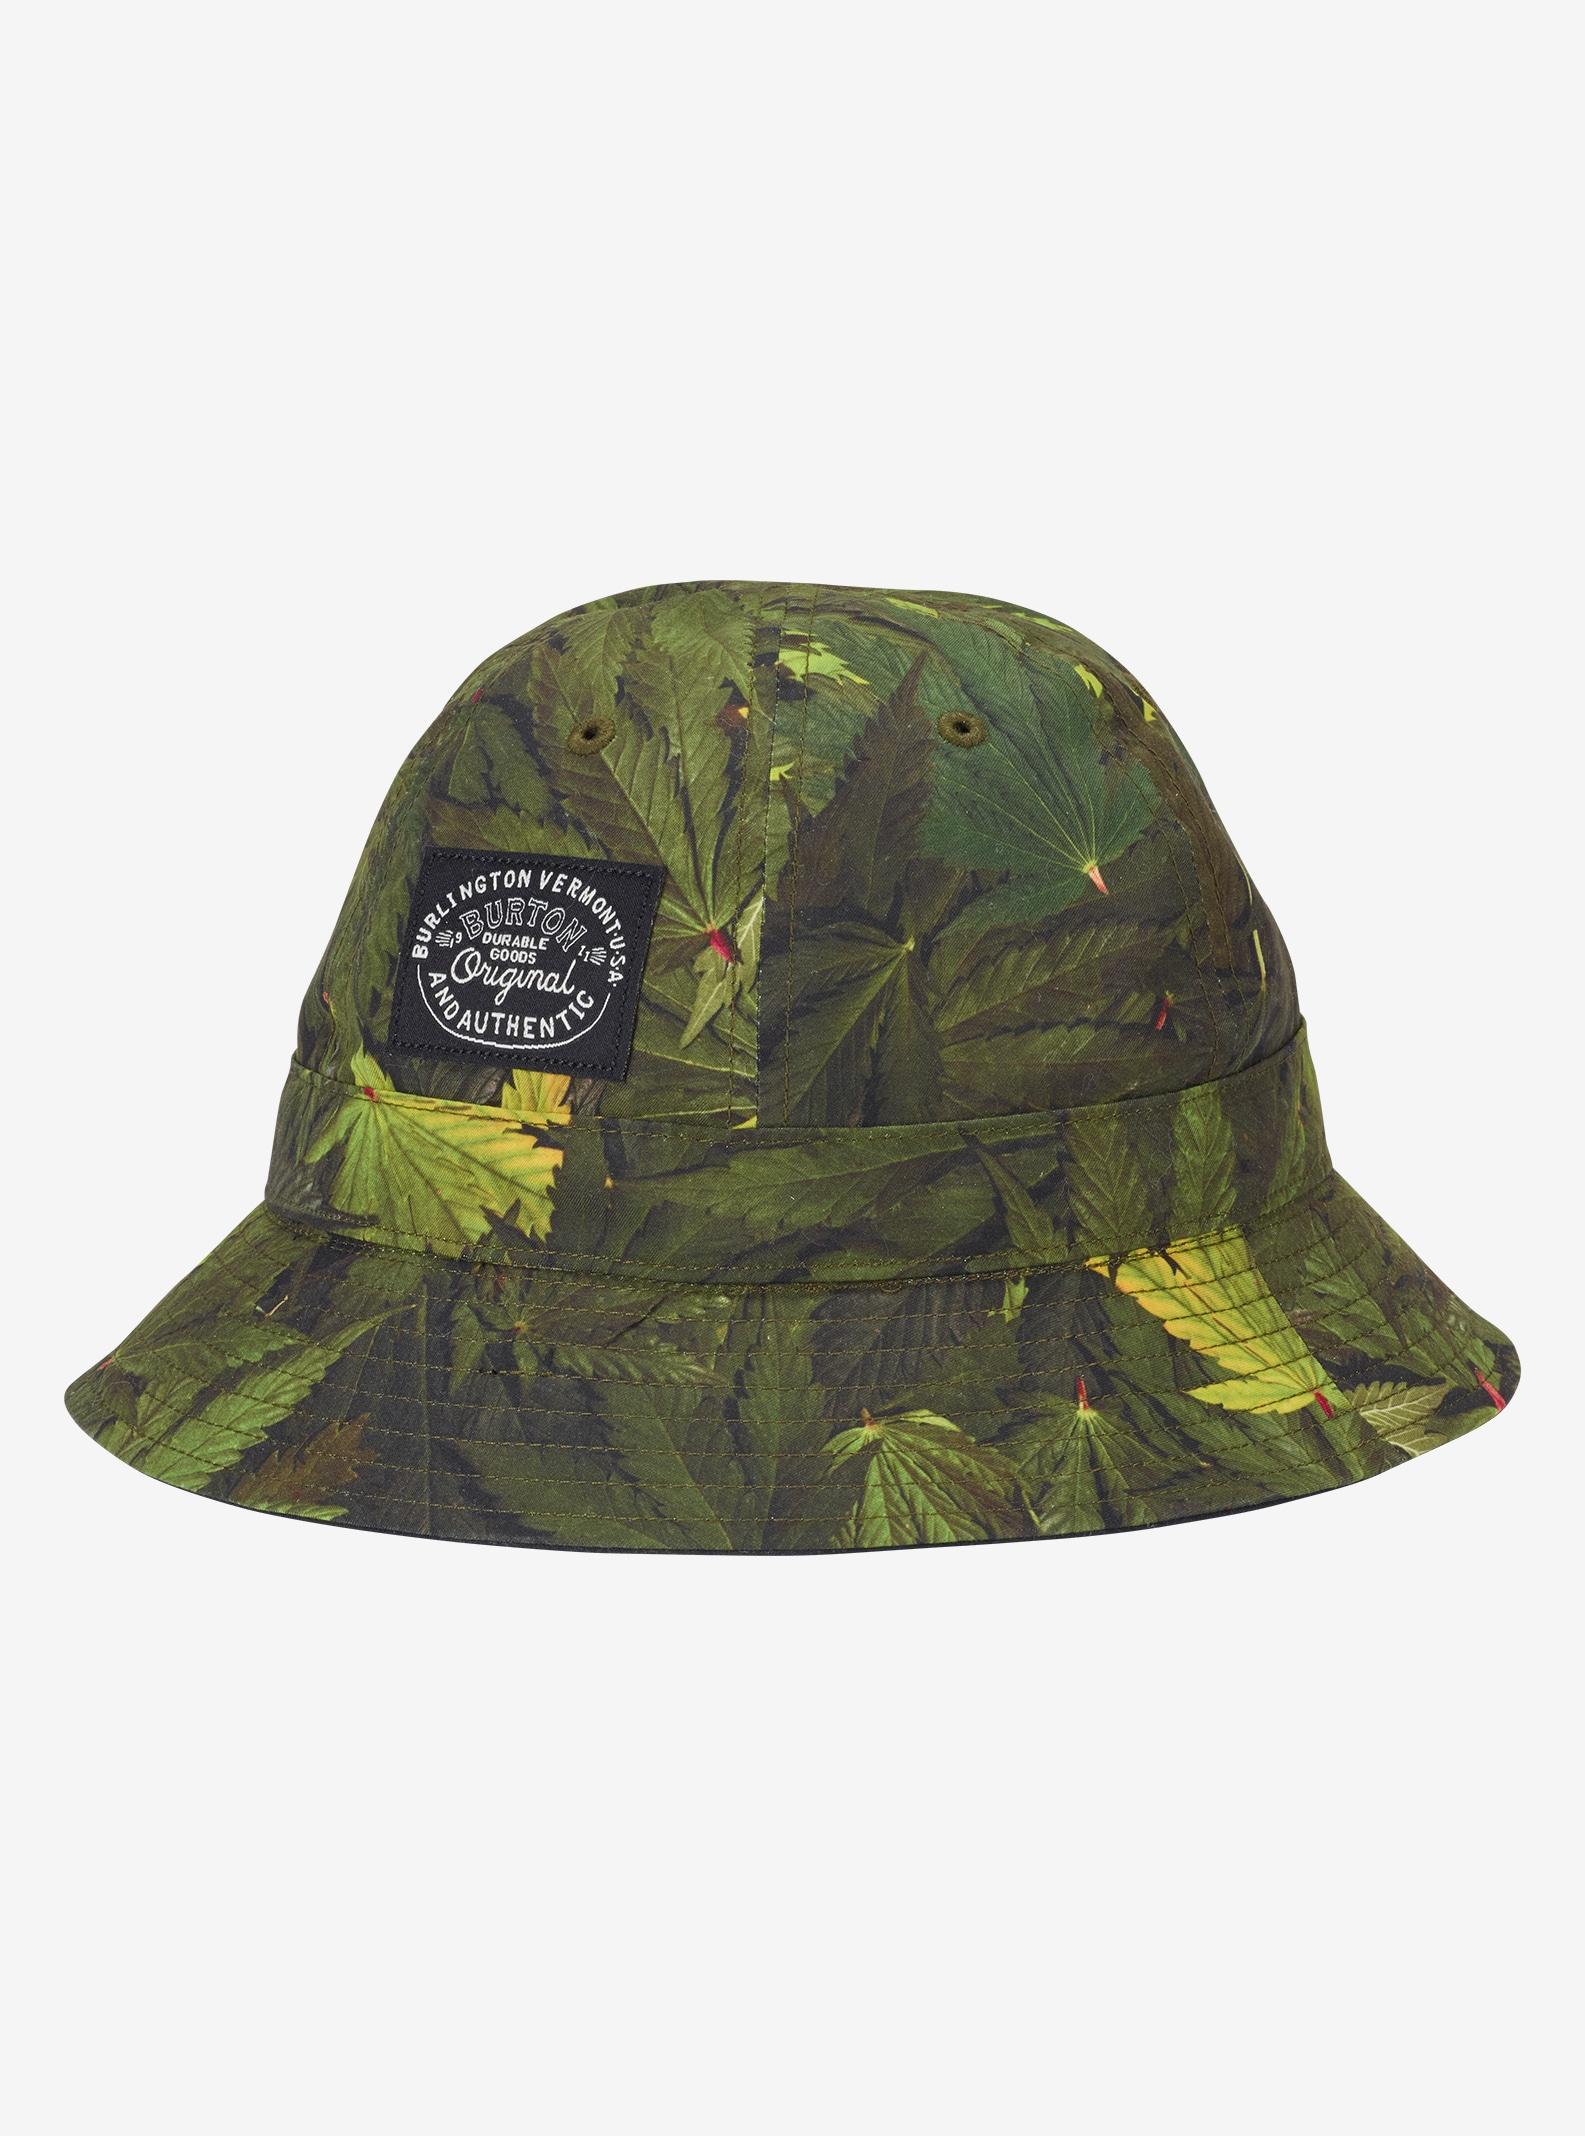 Burton Thompson Bucket Hat shown in Camobis